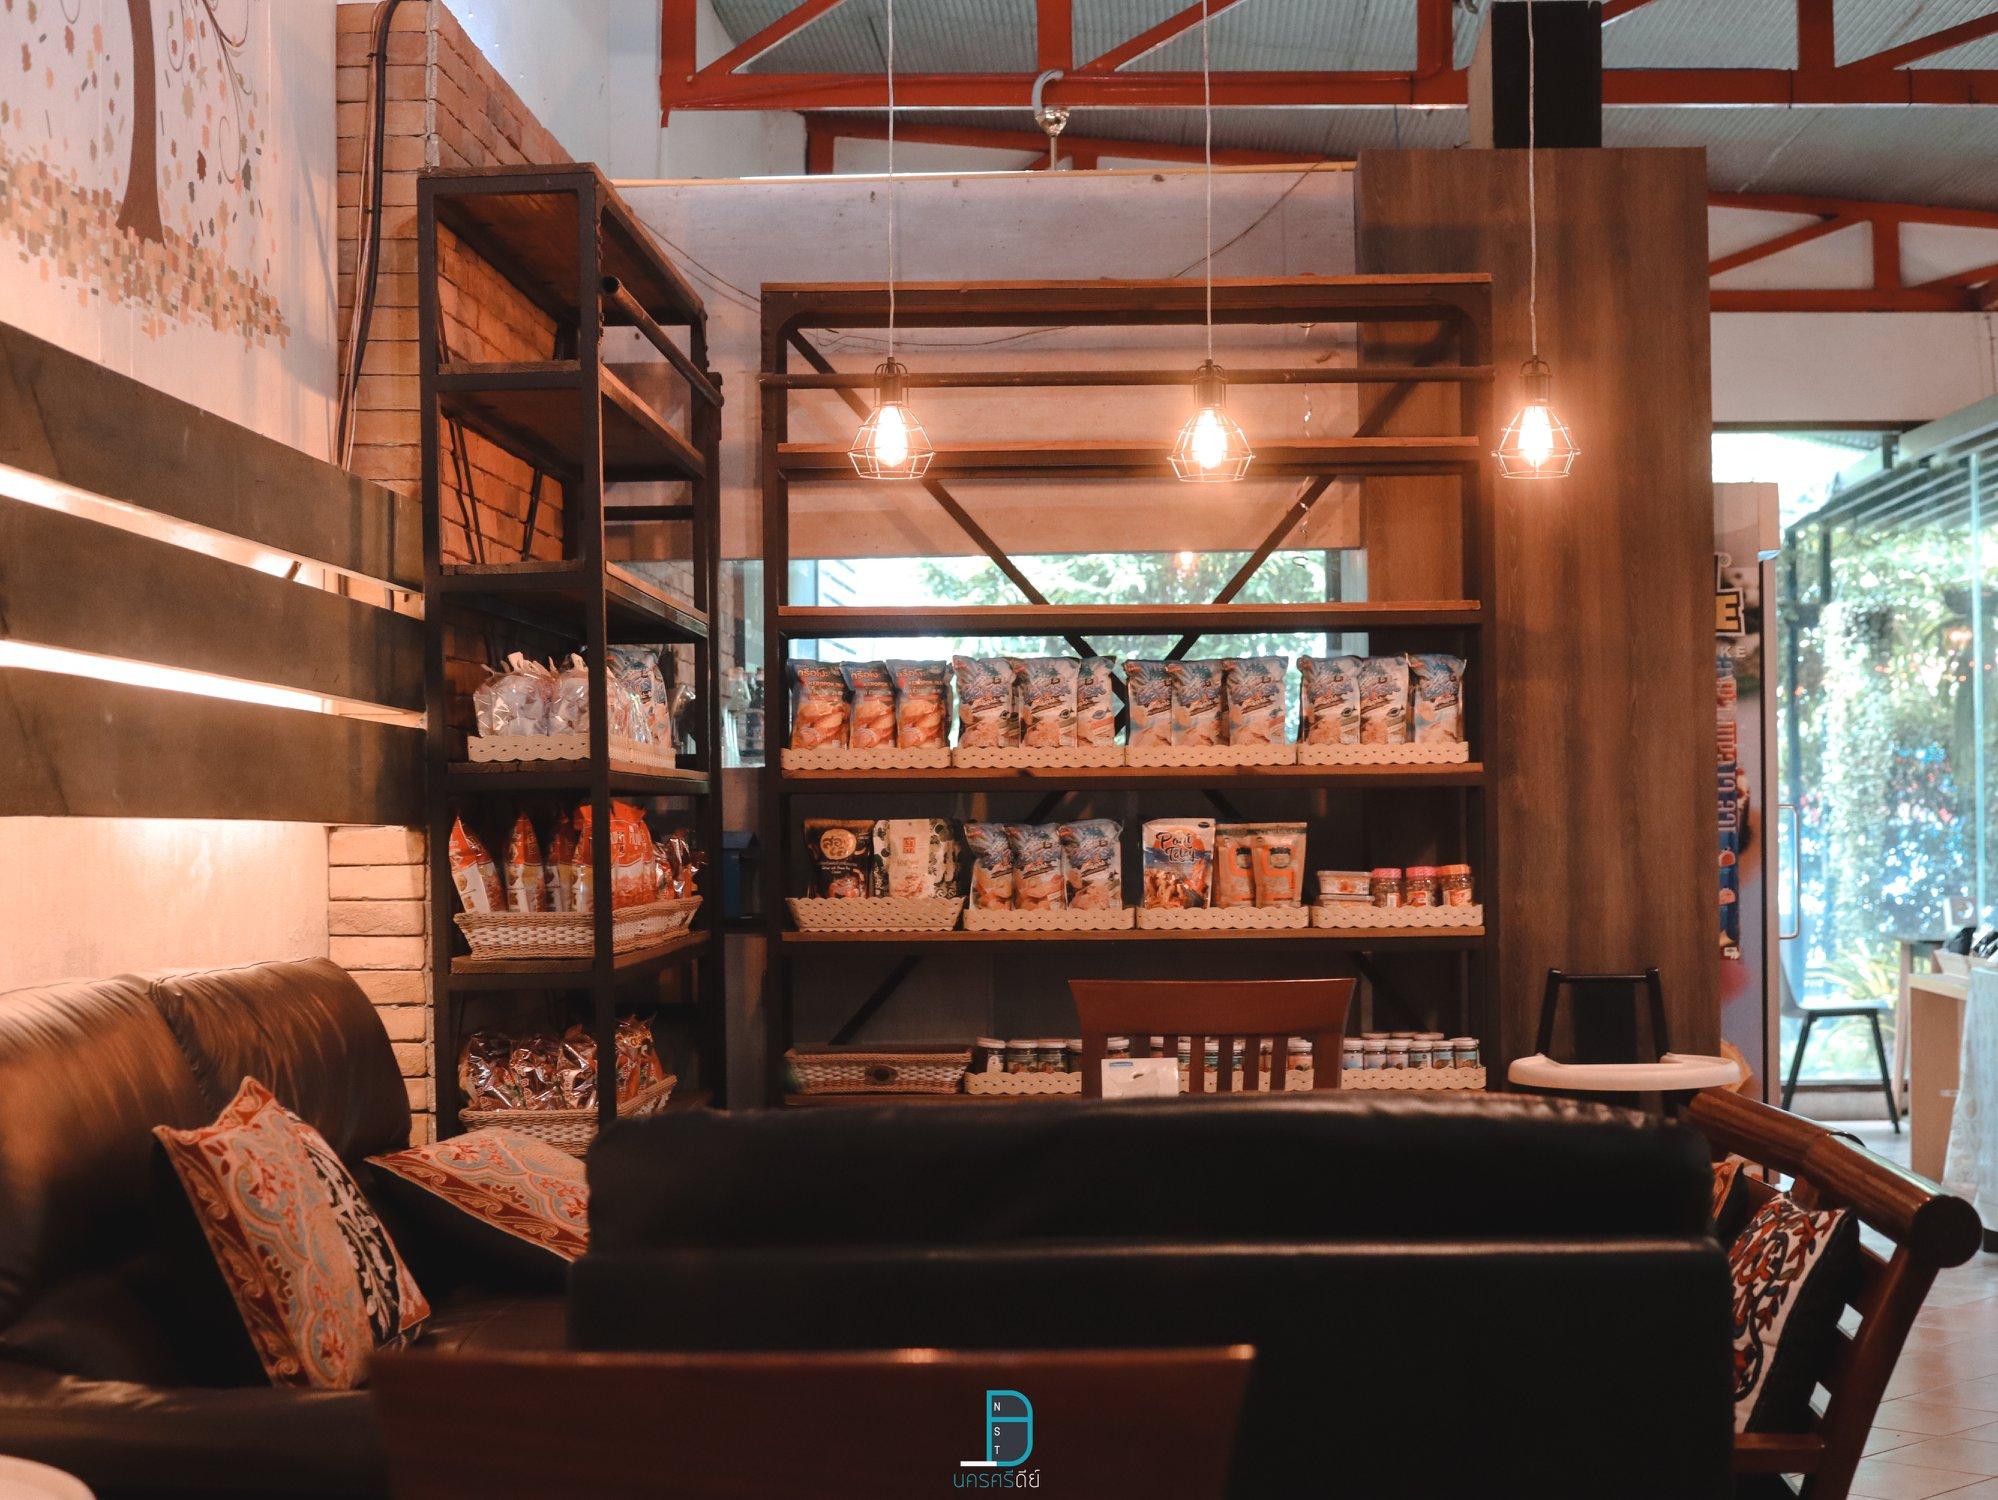 ร้านอาหาร,นครศรีธรรมราช,เอแอนด์เอ,เมืองคอน,อร่อย,เด็ด,คาเฟ่,ร้านกาแฟ